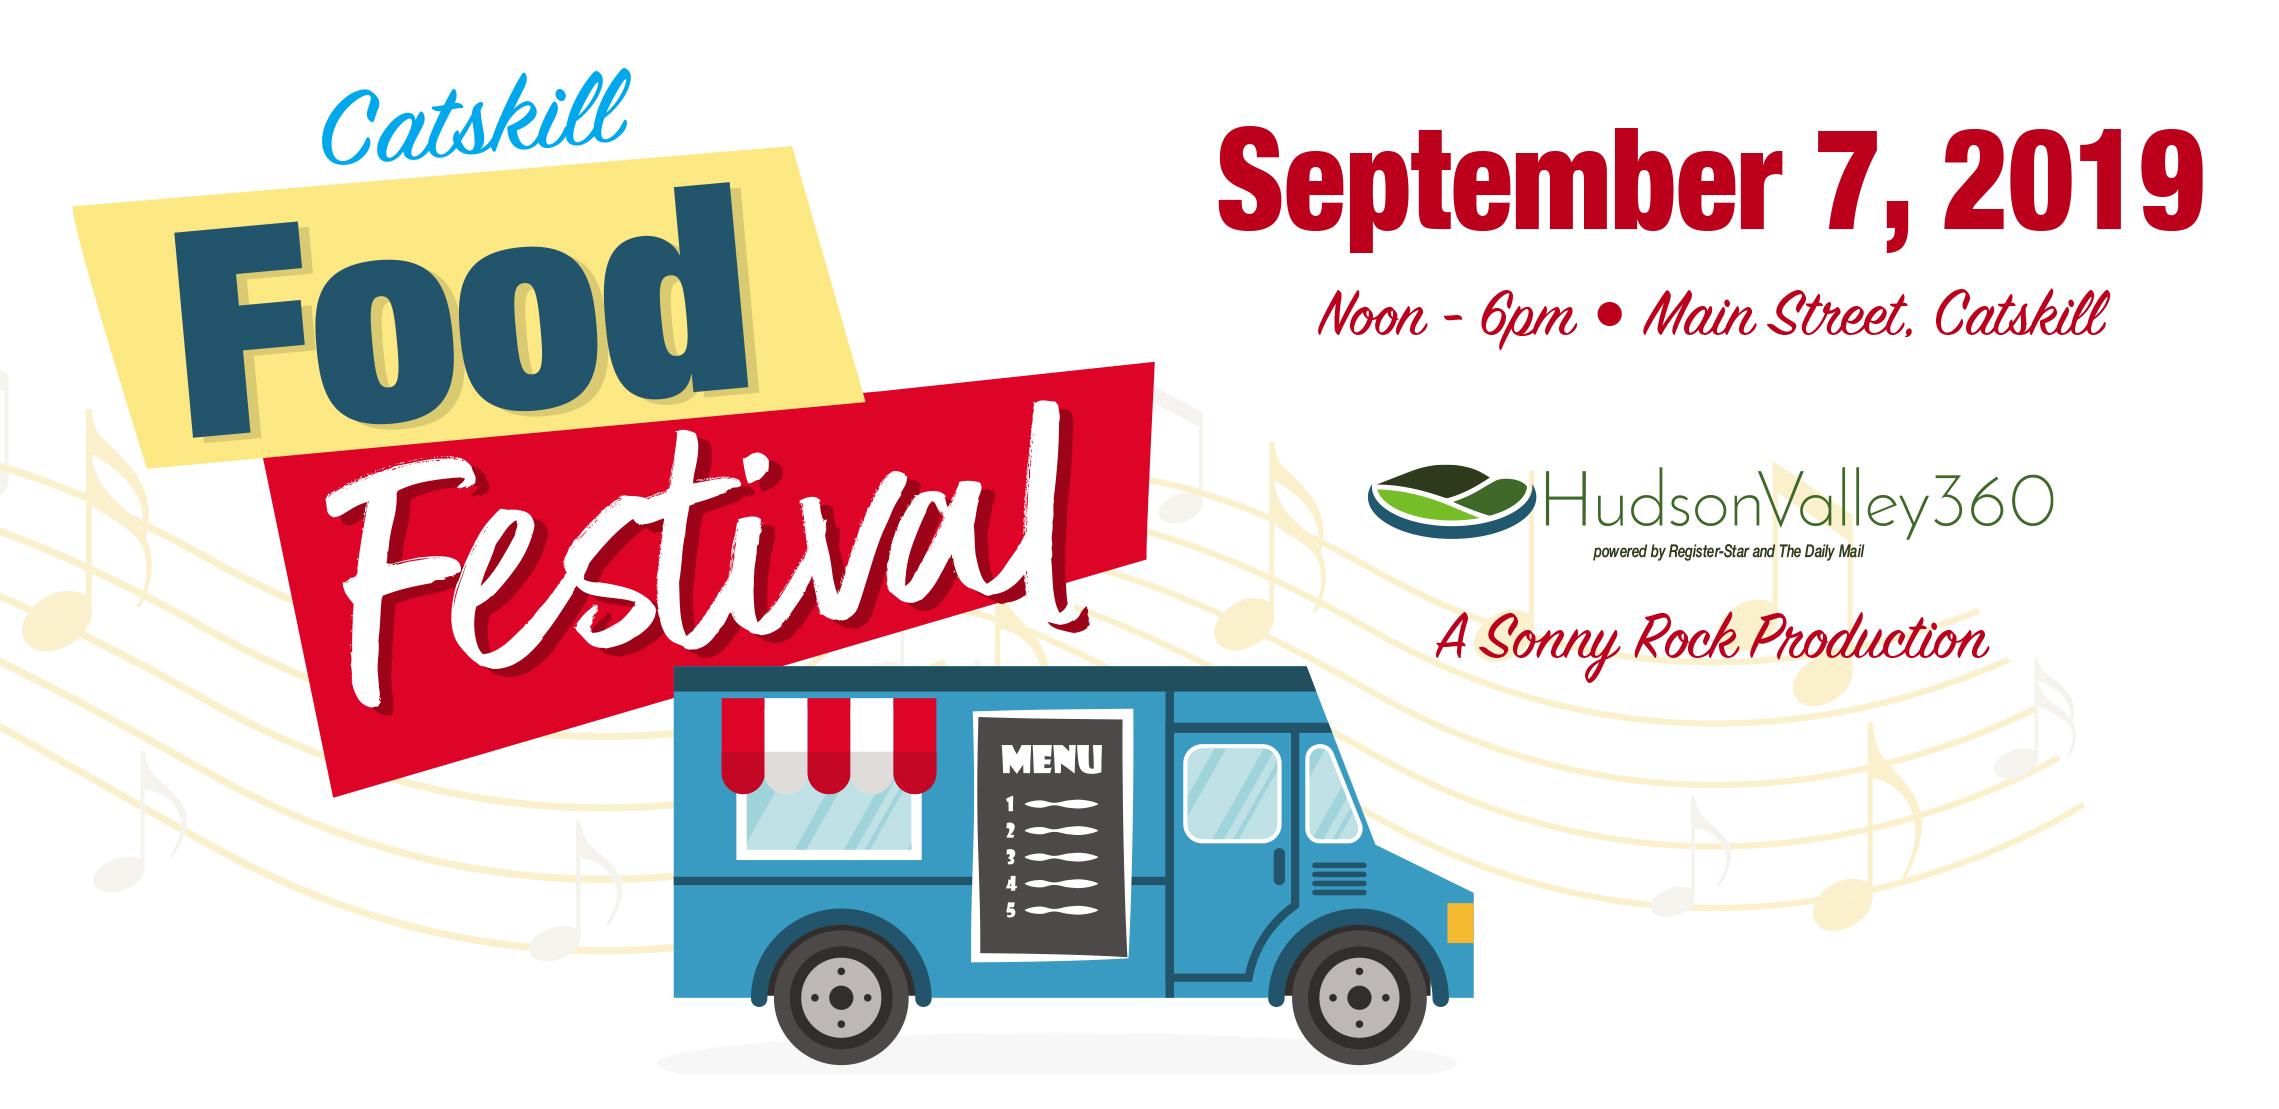 Catskill Food Festival | Hudson Valley 360